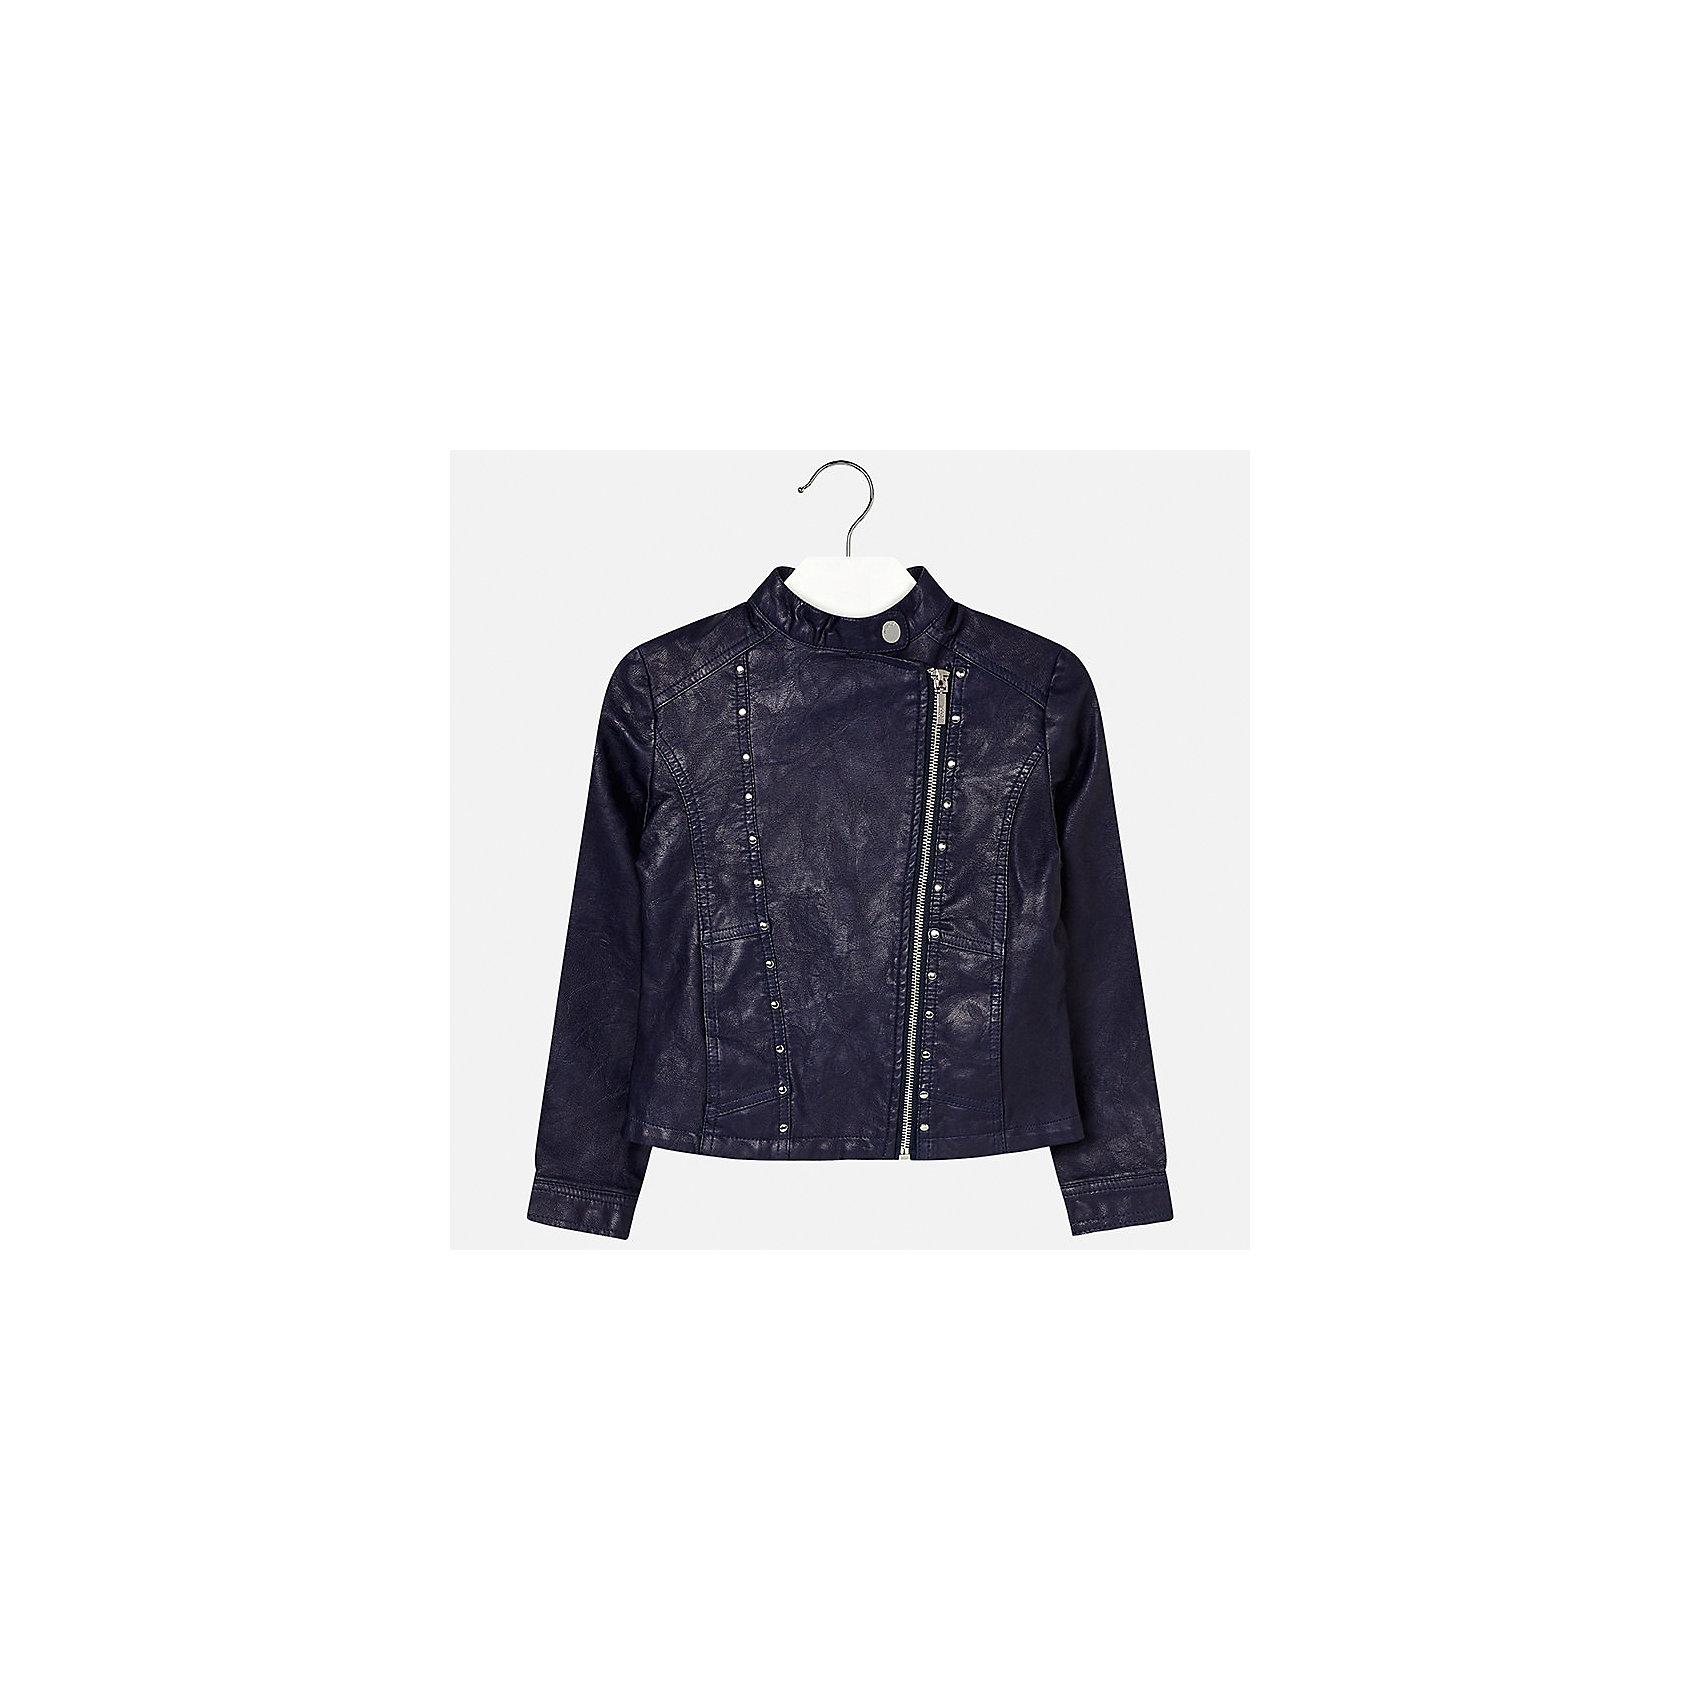 Куртка для девочки MayoralДемисезонные куртки<br>Характеристики товара:<br><br>• цвет: синий<br>• состав: 100% полиуретан, подкладка - 100% полиэстер<br>• температурный режим: от +15°до +10°С<br>• косая молния<br>• карманы<br>• с длинными рукавами <br>• металлические элементы на планке<br>• страна бренда: Испания<br><br>Очень стильная куртка для девочки поможет разнообразить гардероб ребенка и украсить наряд. Он отлично сочетается и с юбками, и с брюками. Универсальный цвет позволяет подобрать к вещи низ различных расцветок. Интересная отделка модели делает её нарядной и оригинальной.<br><br>Одежда, обувь и аксессуары от испанского бренда Mayoral полюбились детям и взрослым по всему миру. Модели этой марки - стильные и удобные. Для их производства используются только безопасные, качественные материалы и фурнитура. Порадуйте ребенка модными и красивыми вещами от Mayoral! <br><br>Куртку для девочки от испанского бренда Mayoral (Майорал) можно купить в нашем интернет-магазине.<br><br>Ширина мм: 356<br>Глубина мм: 10<br>Высота мм: 245<br>Вес г: 519<br>Цвет: синий<br>Возраст от месяцев: 168<br>Возраст до месяцев: 180<br>Пол: Женский<br>Возраст: Детский<br>Размер: 170,128/134,140,152,158,164<br>SKU: 5292870